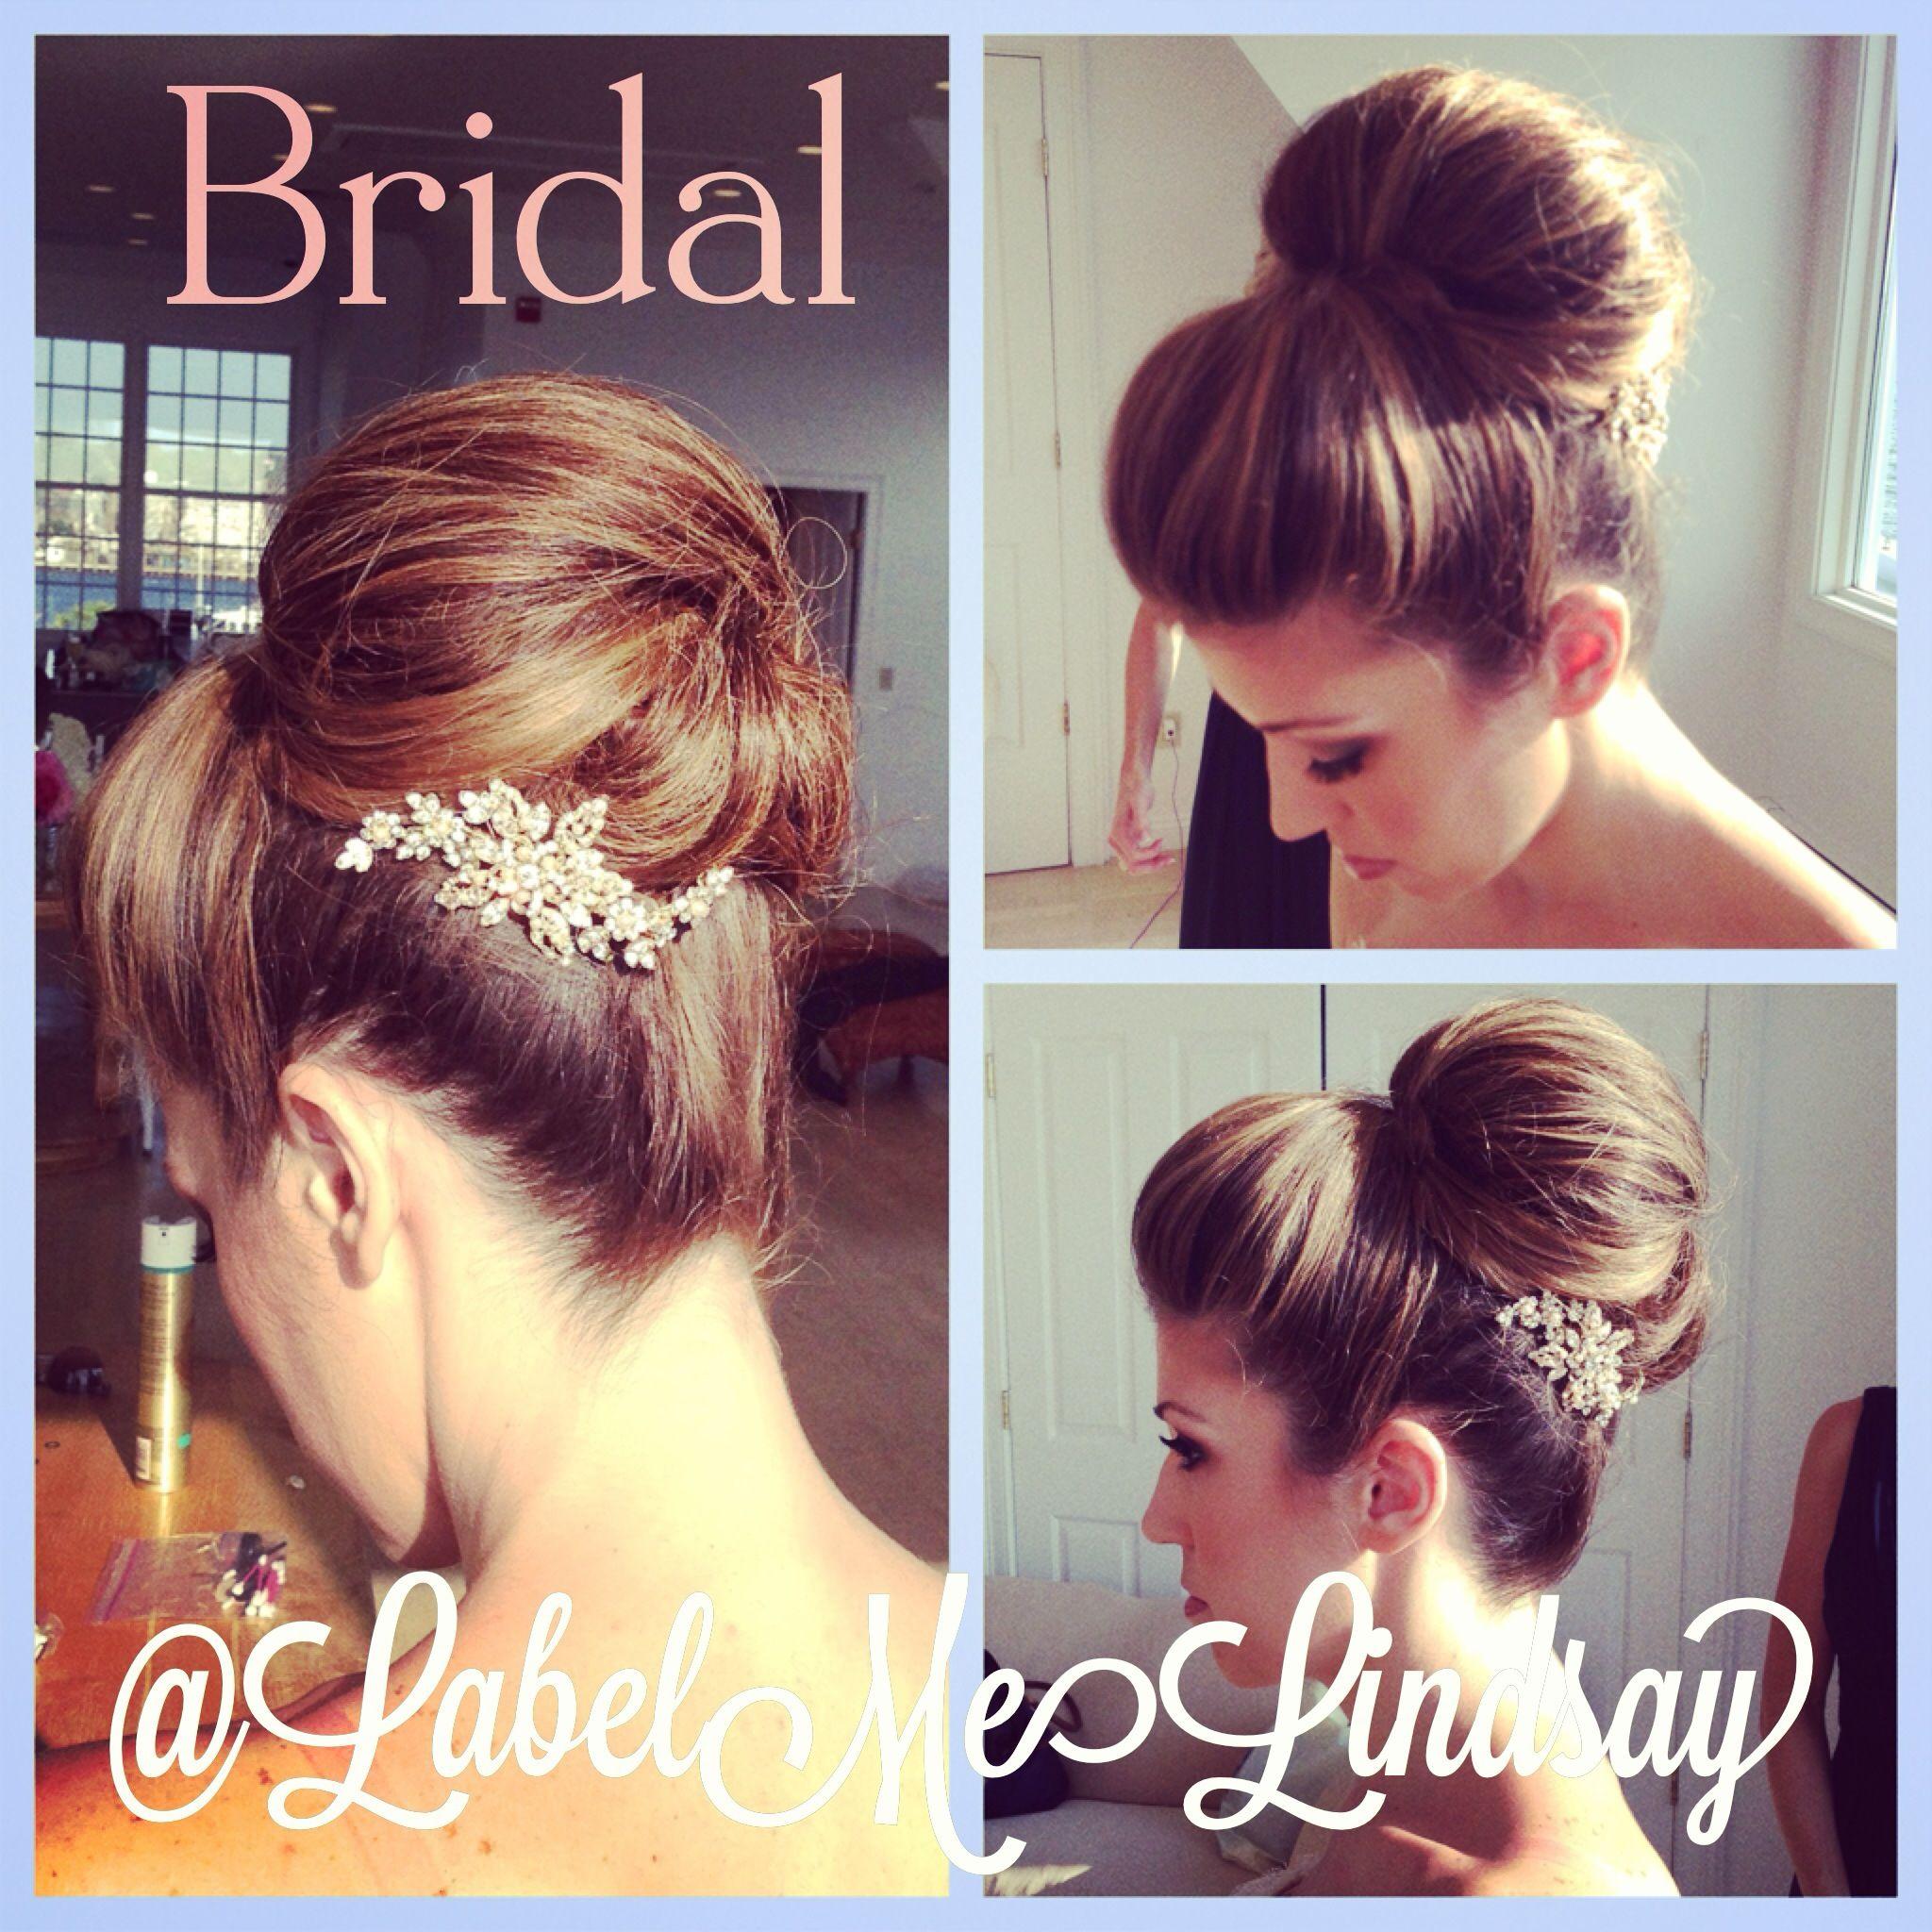 brial bun bridal updo wedding hair classic hair bridesmaid hair